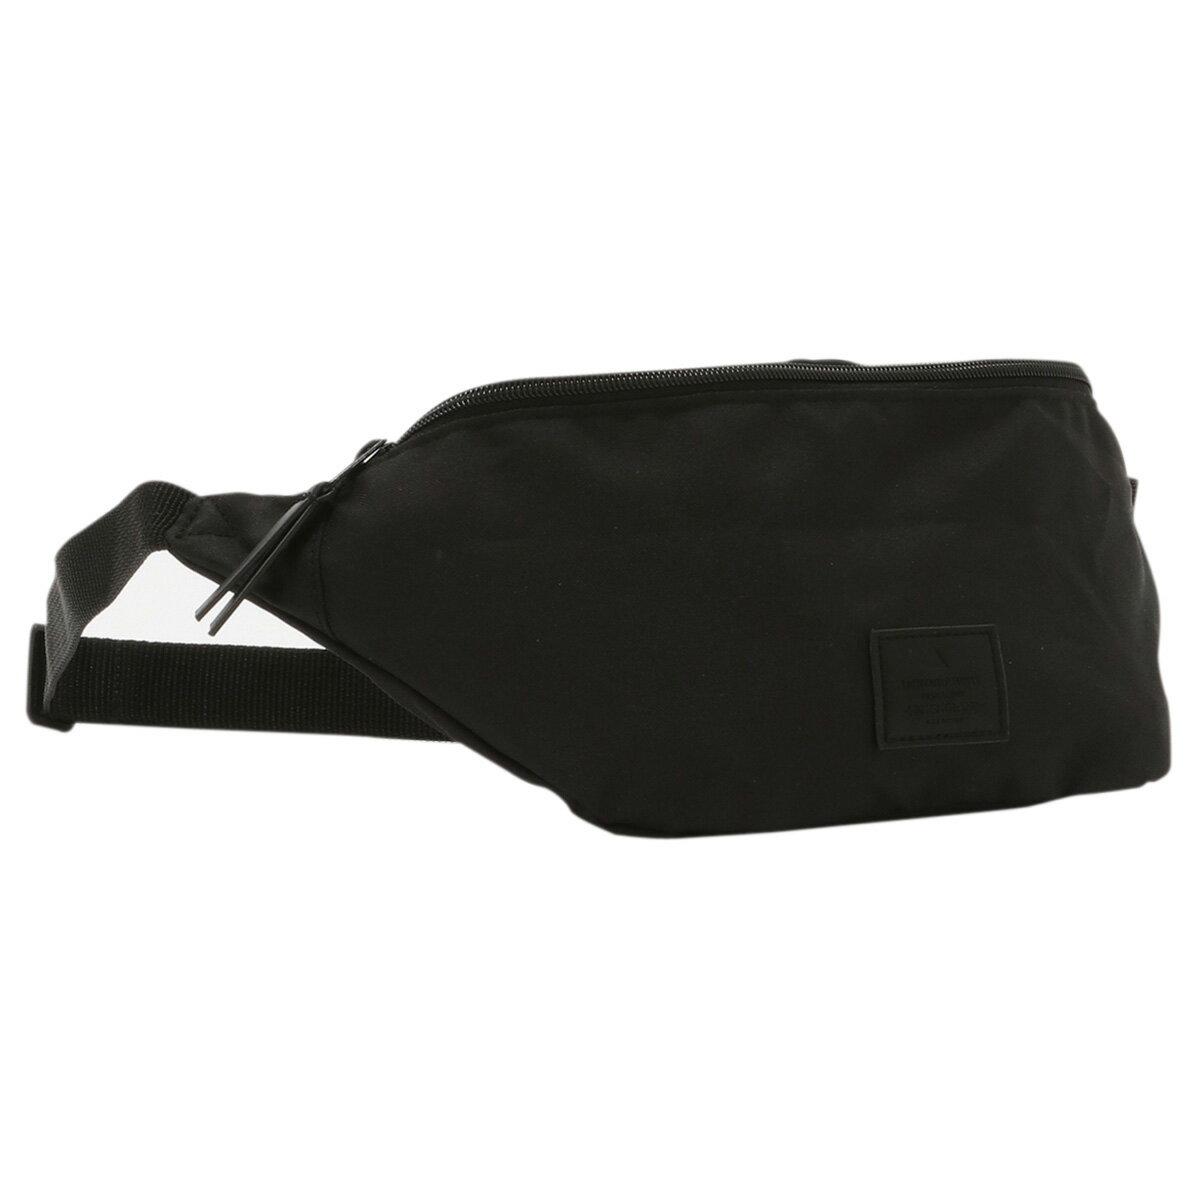 【即納】エイソス ASOS メンズ バッグ ボディバッグ・ウエストポーチ【Bum Bag】Black